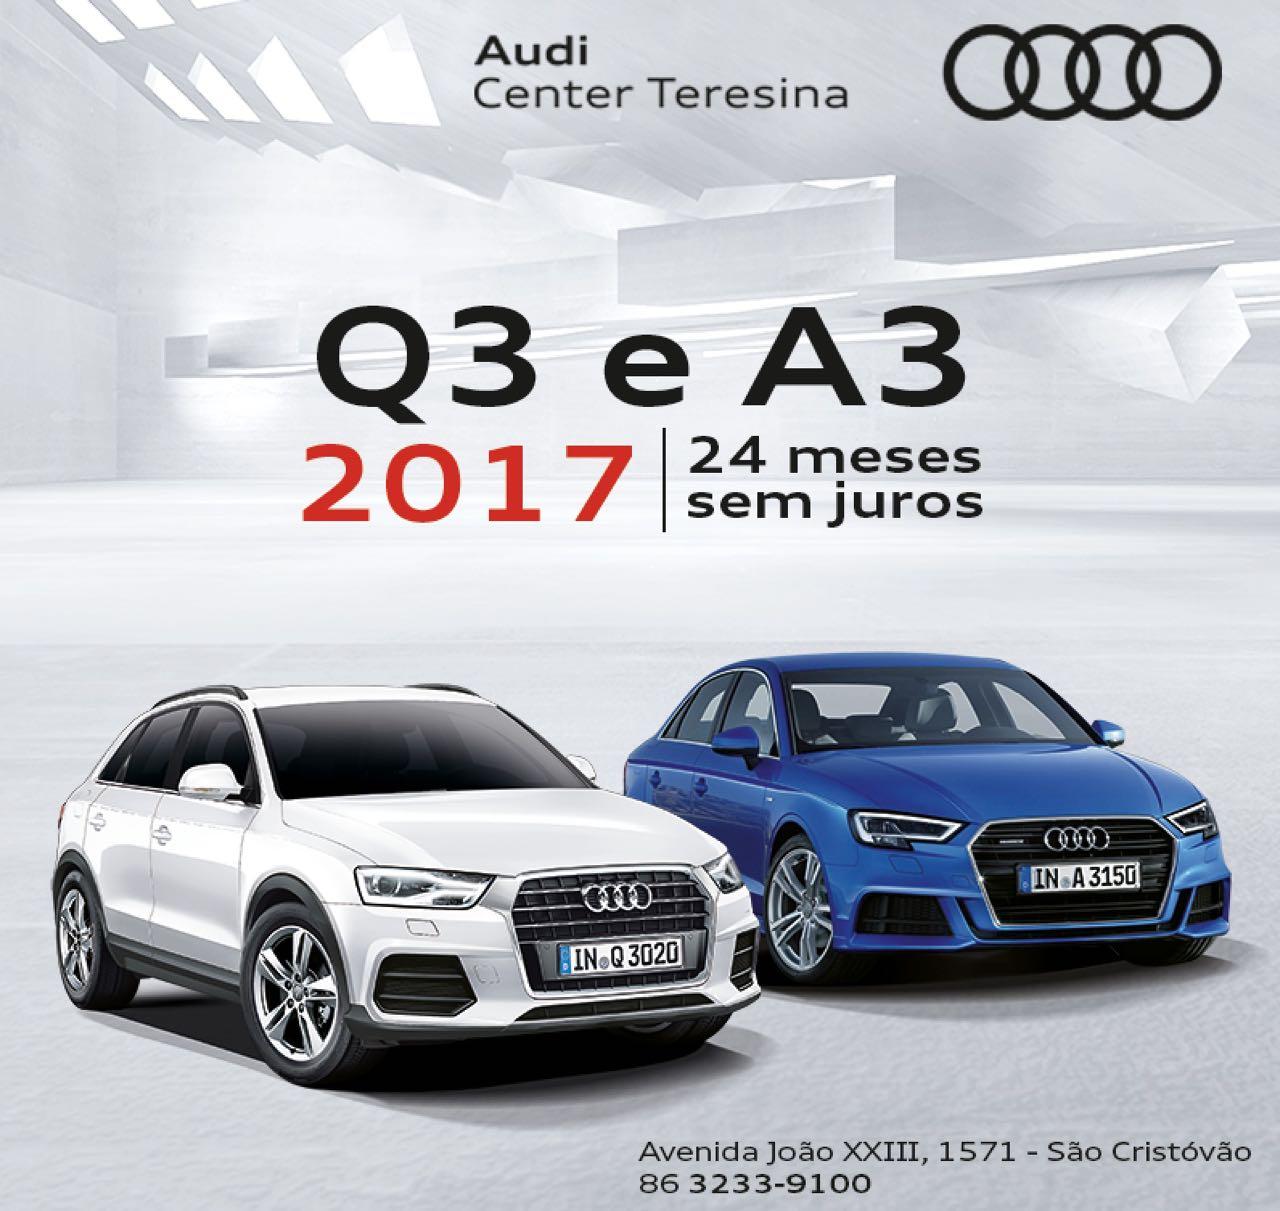 Audi Q3 e A3 passam a estar disponíveis com taxa 0% para parcelamentos em até 24 meses